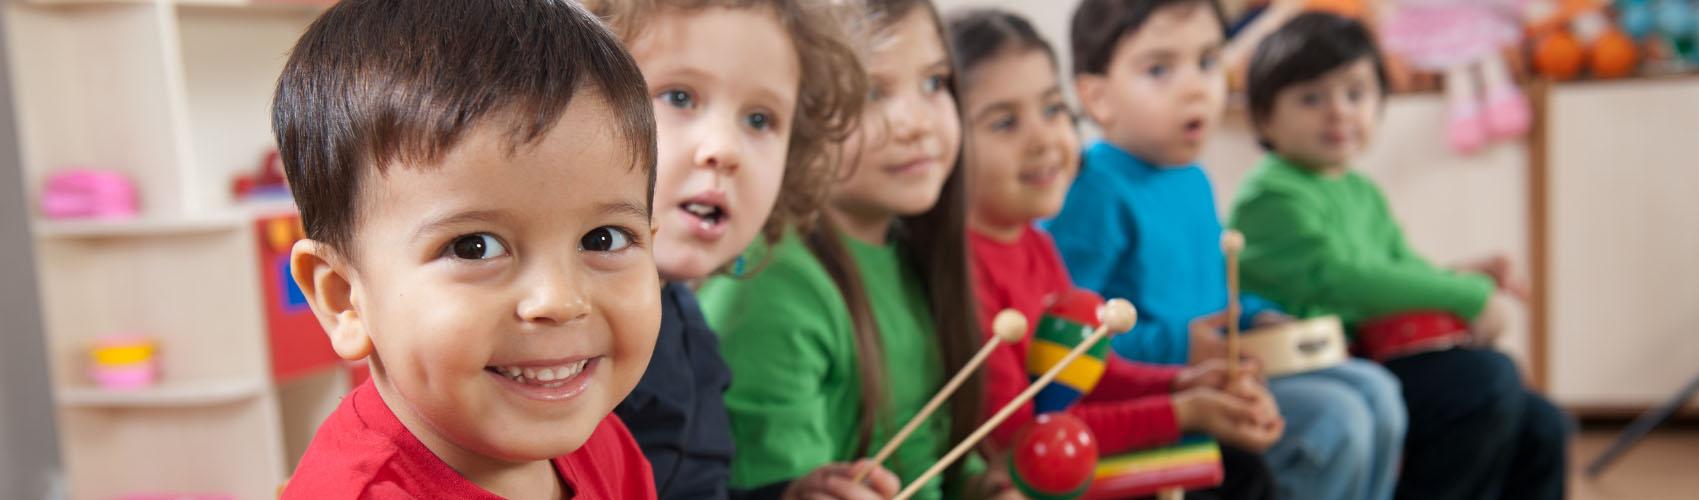 0. Children music6.jpg